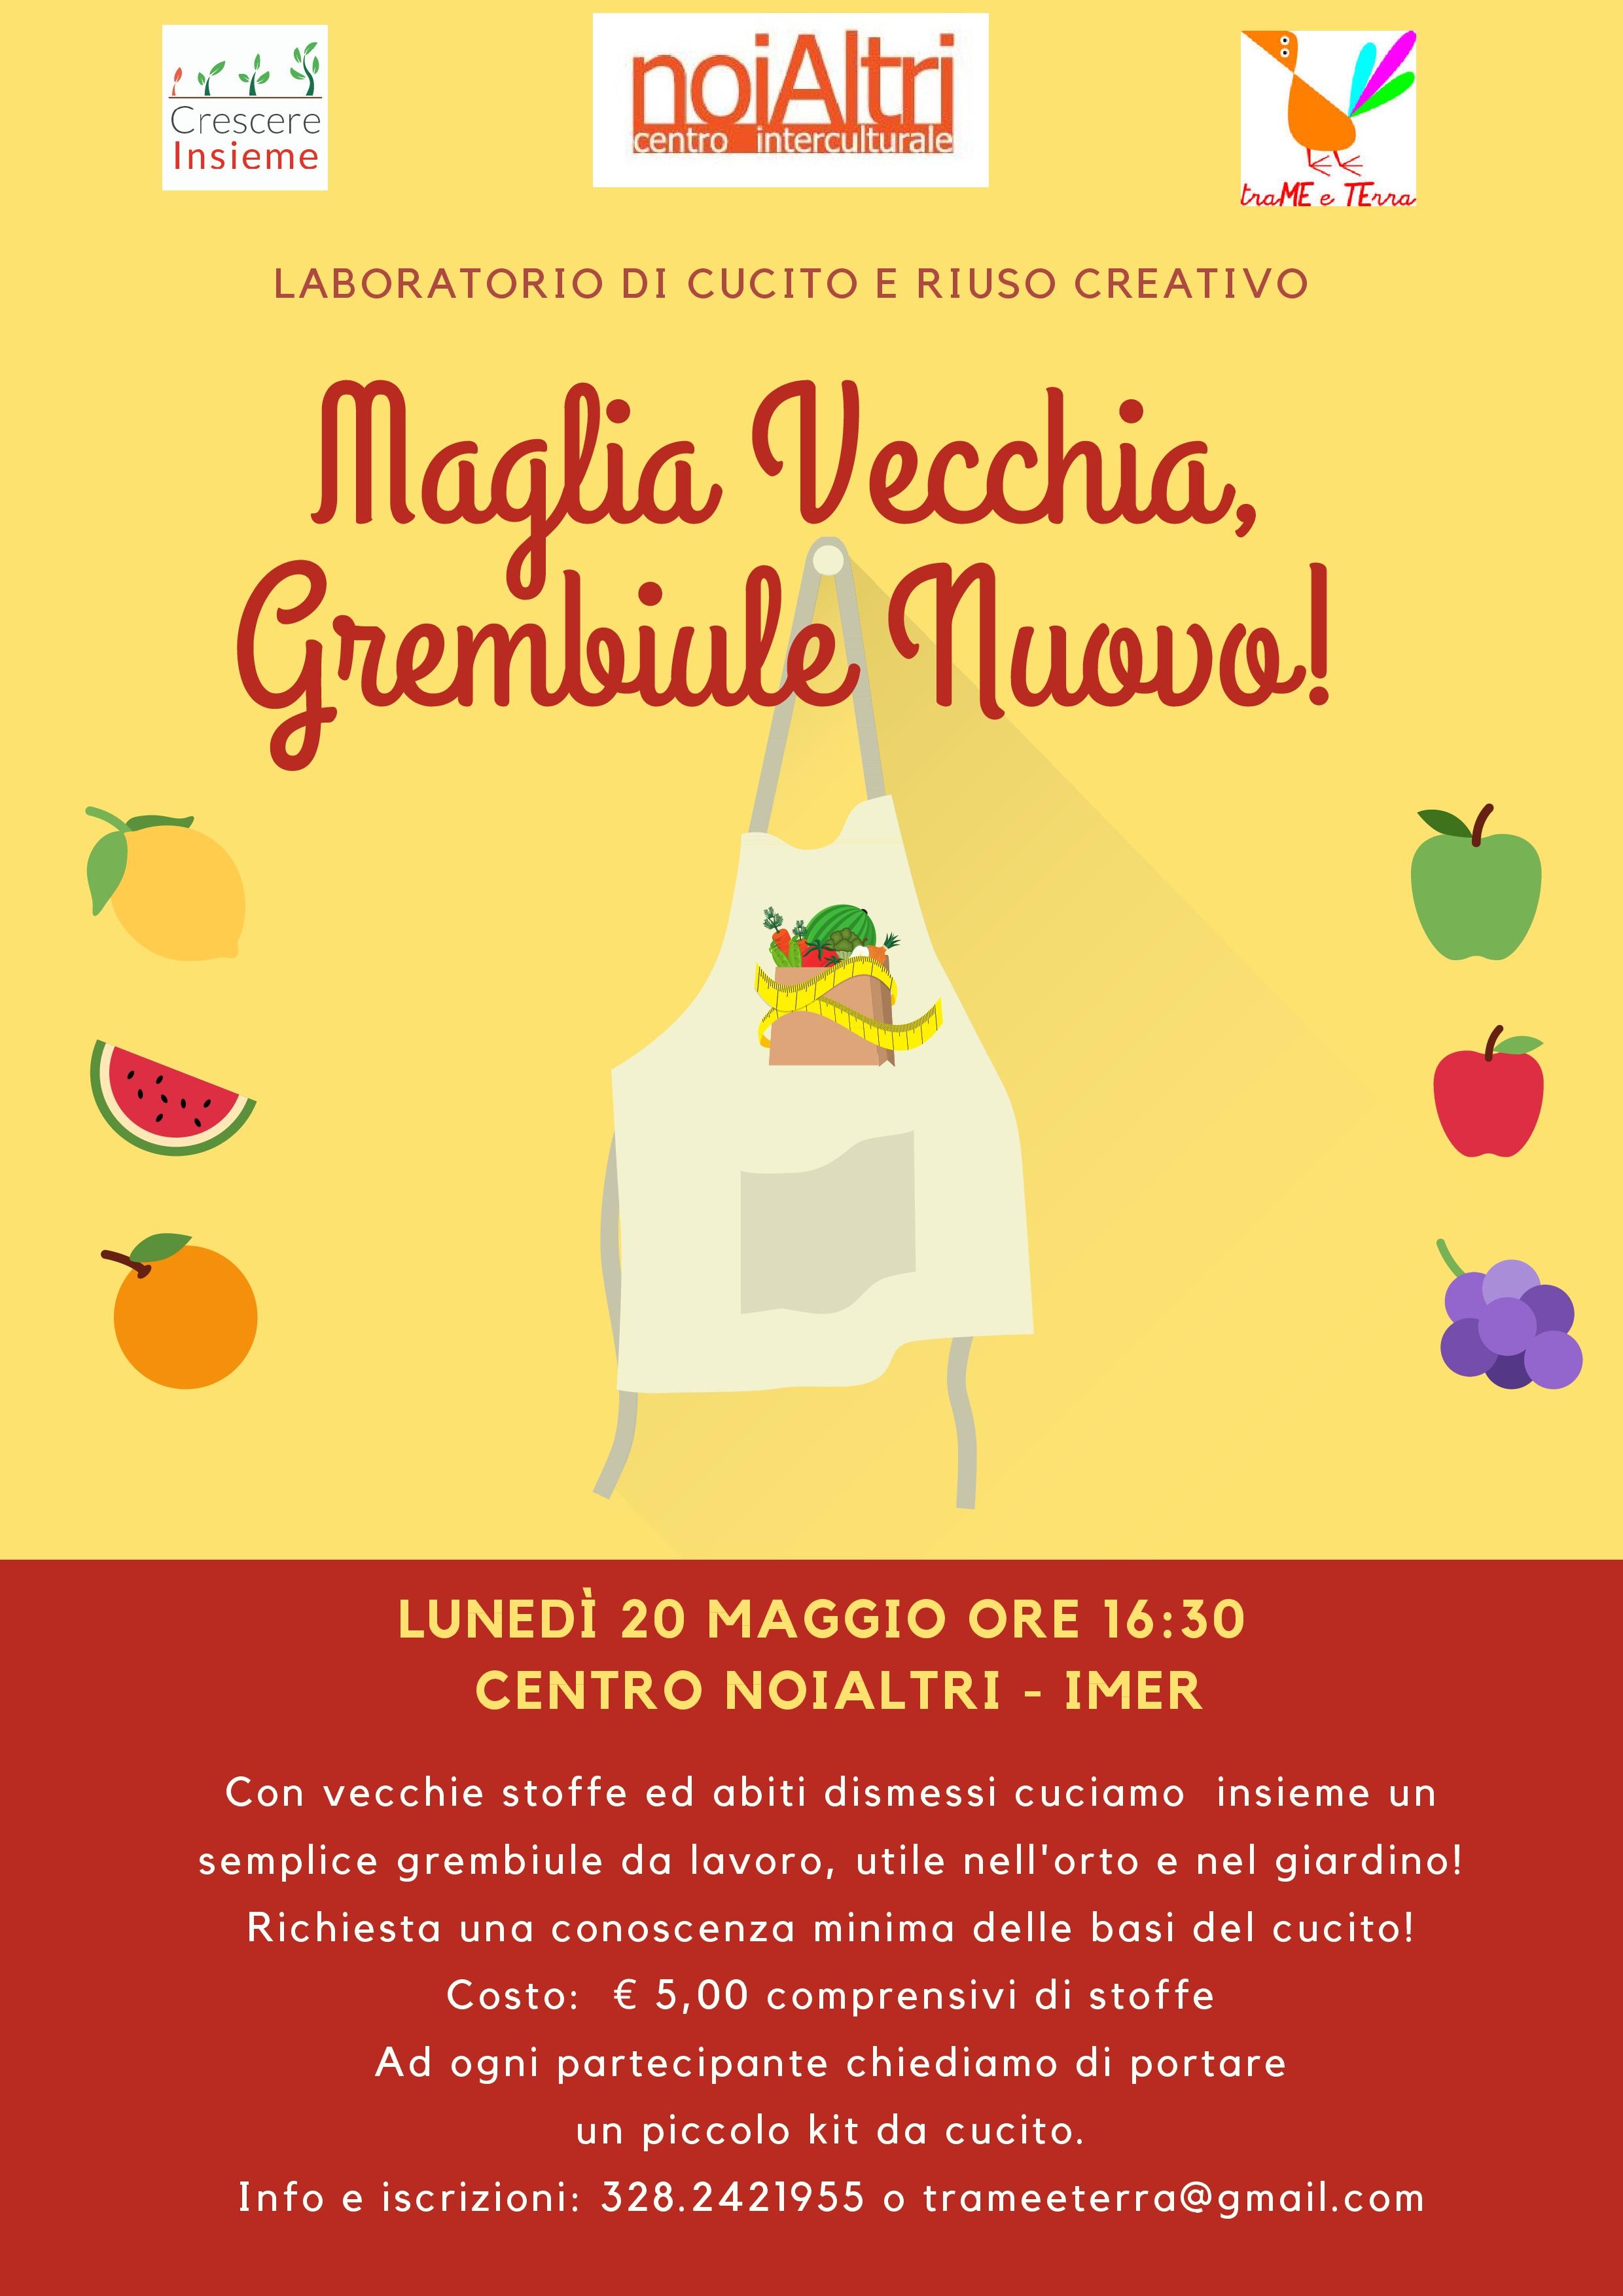 Maglia Vecchia, Grembiule Nuovo! (1)